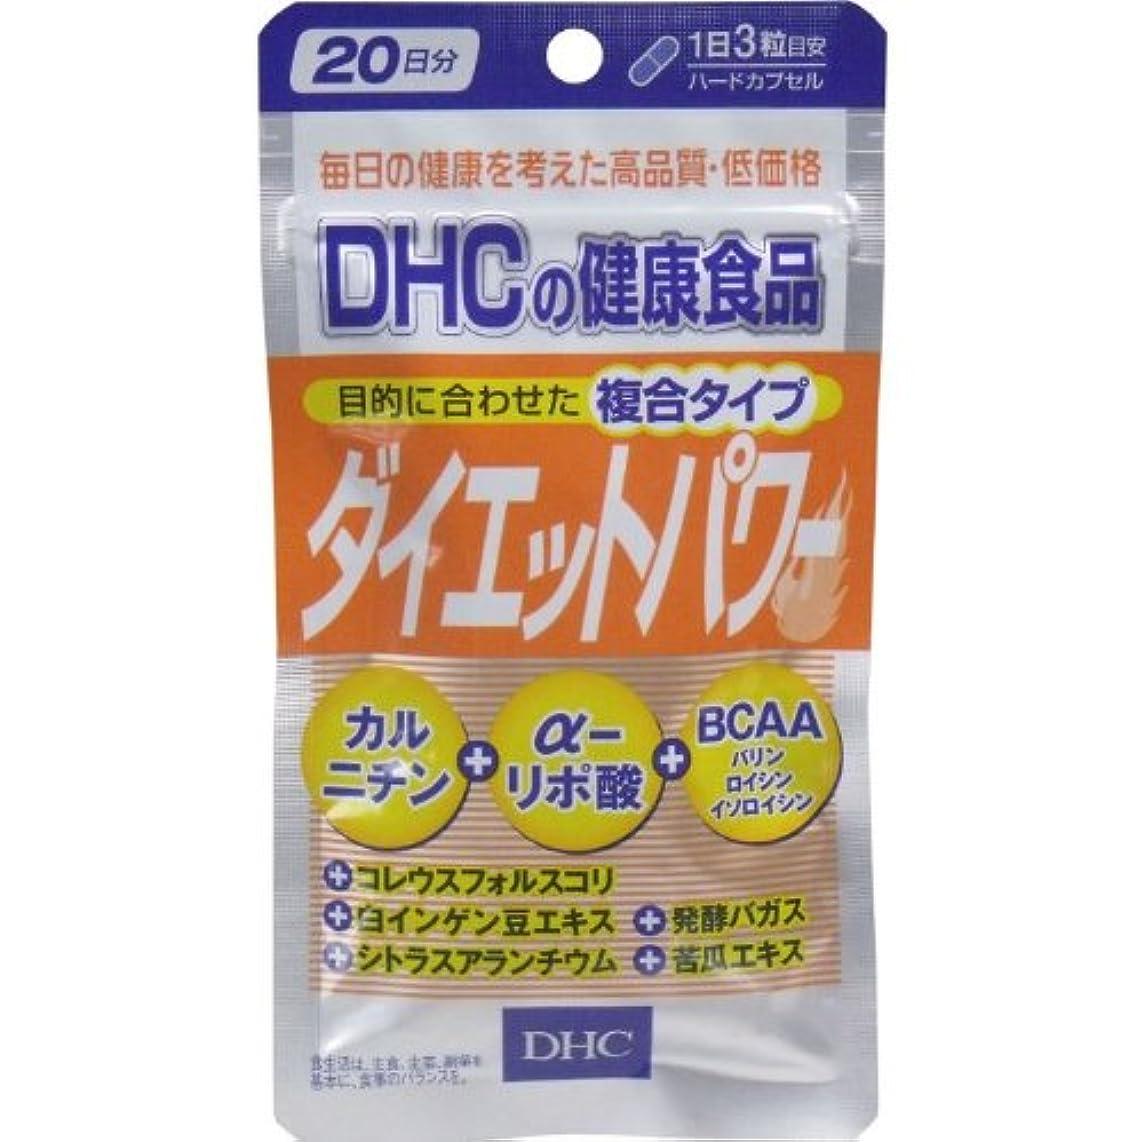 バッジ趣味かるDHC ダイエットパワー 60粒入 20日分【2個セット】